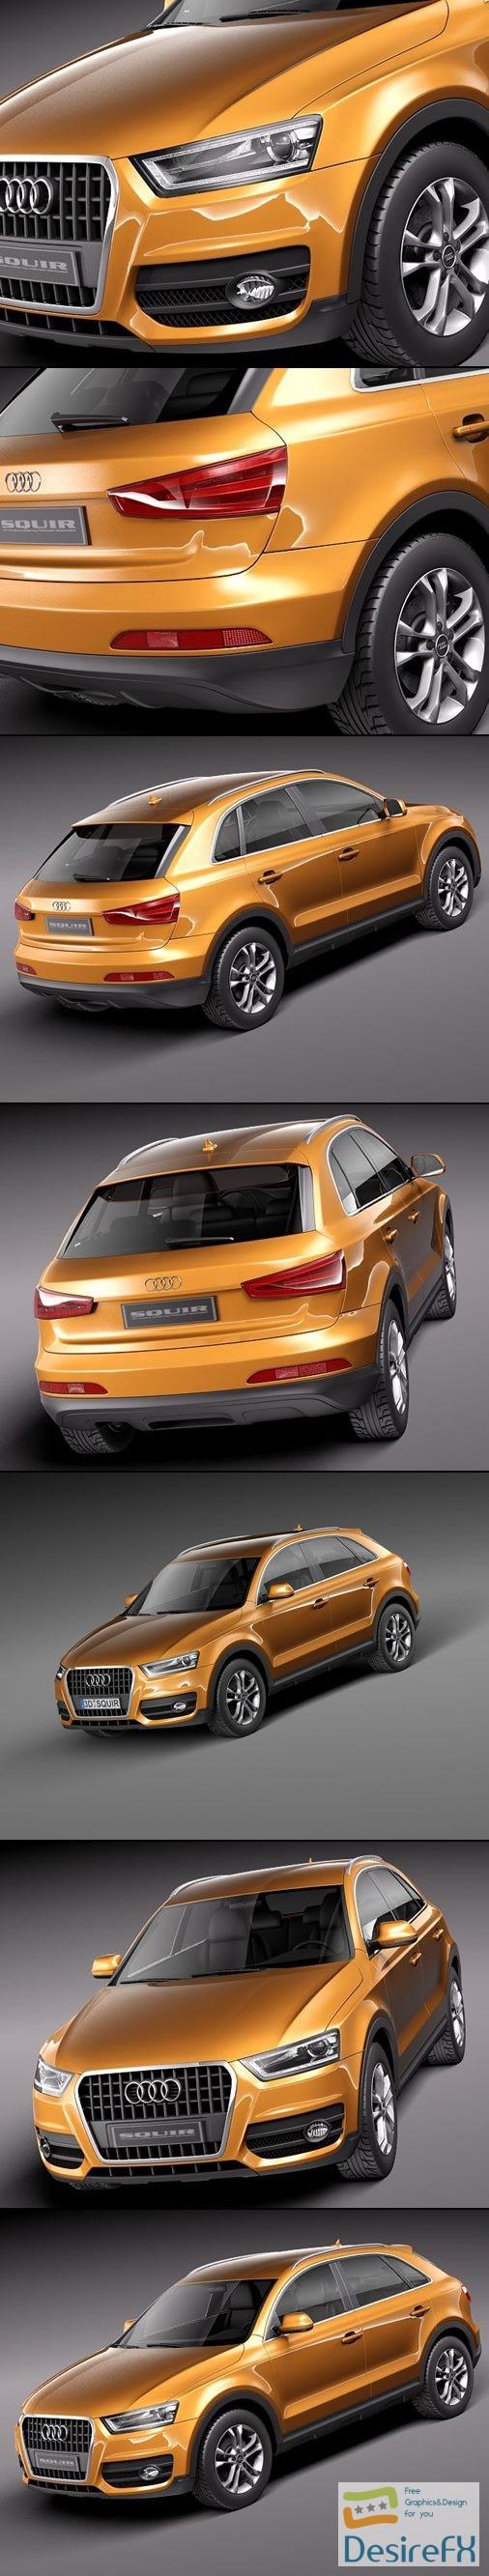 3d-models - Audi Q3 2012 3D Model